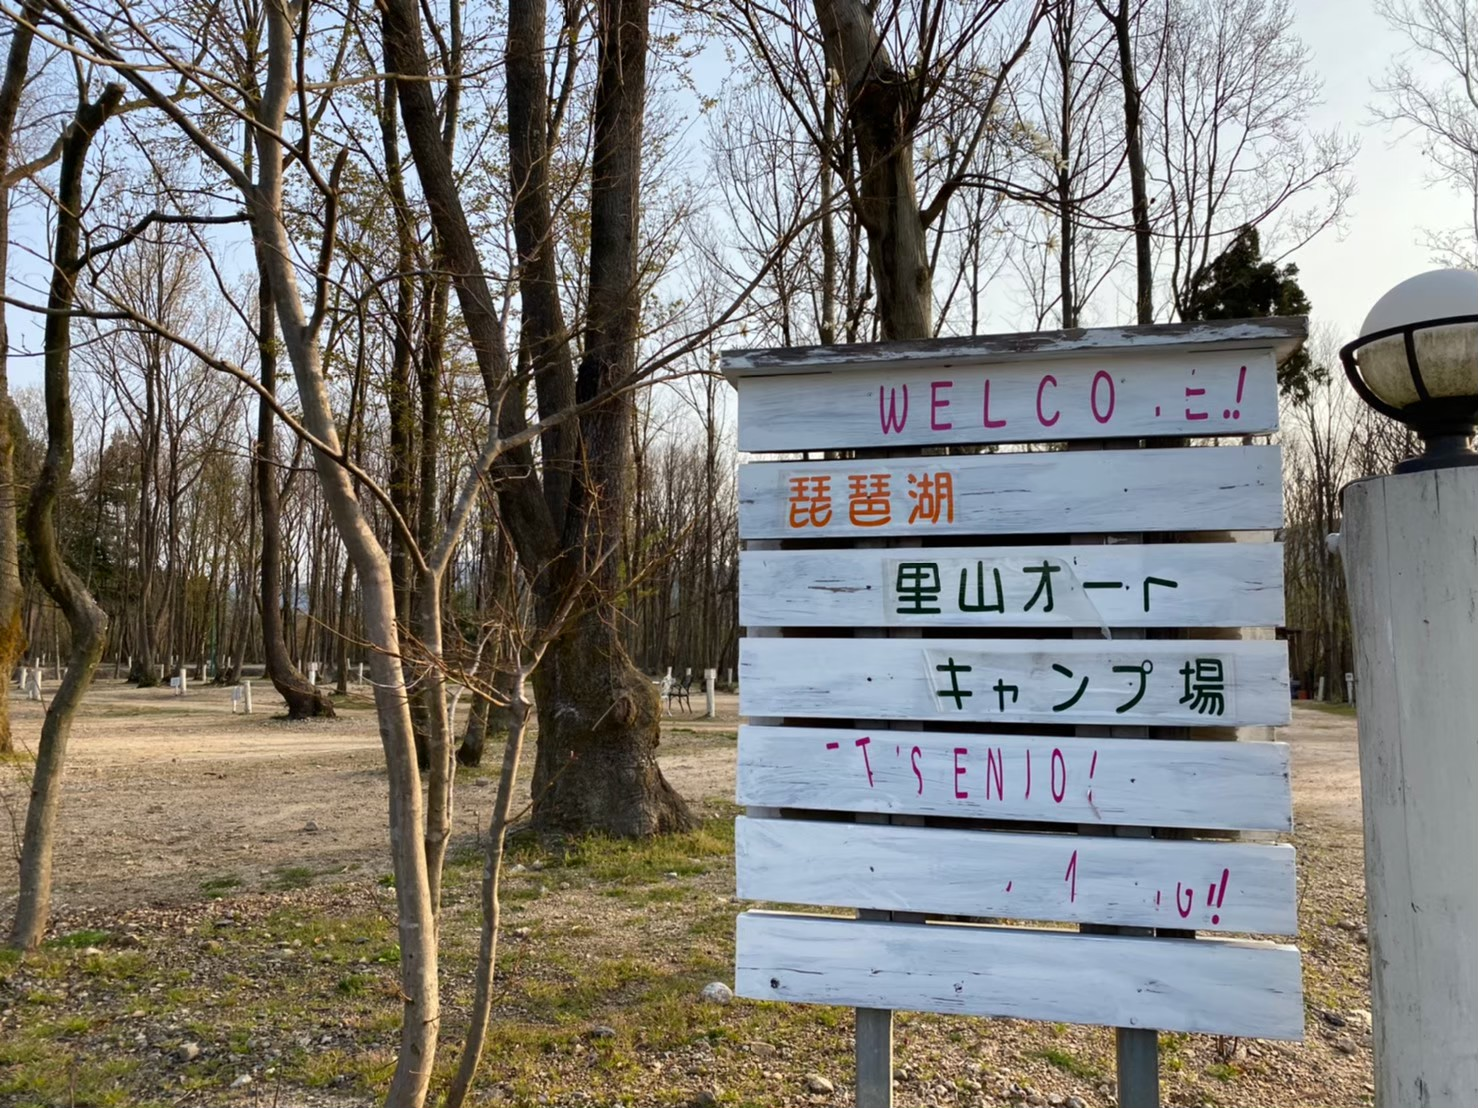 【自然やスポーツを満喫|高島市】『琵琶湖里山オートキャンプ場』攻略ガイド(駐車場・トイレ)